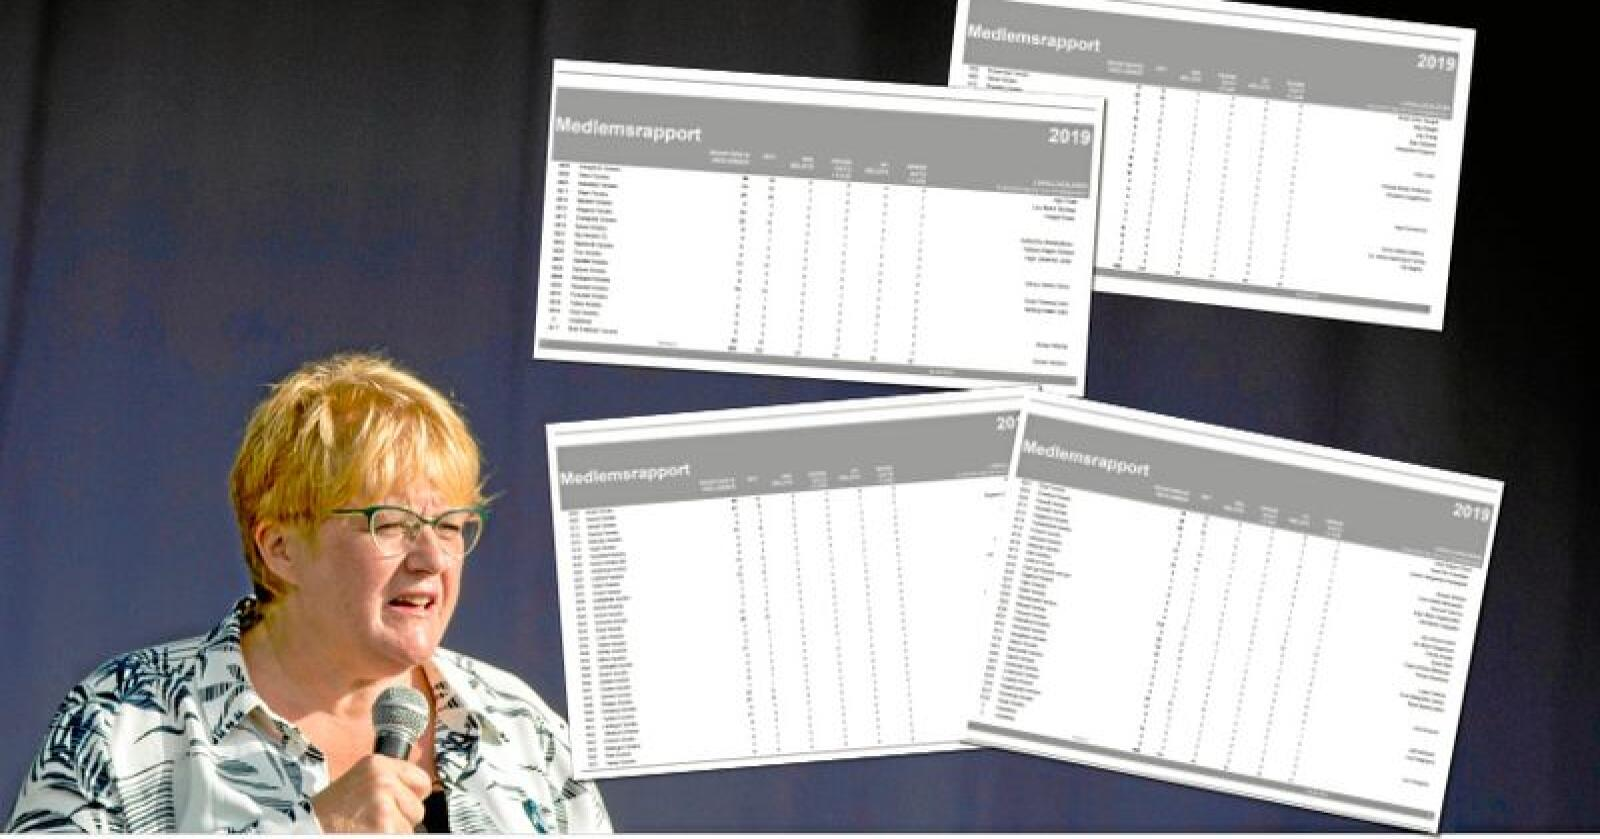 Venstre-leder Trine Skei Grande har sagt til Venstres valgkomité at hun ønsker gjenvalg til våren. Partiorganisasjonen som eventuelt skal velge henne er helt utradert i store deler av landet, ifølge partiets interne medlemslister. Foto: Vegard Wivestad Grøtt / NTB scanpix